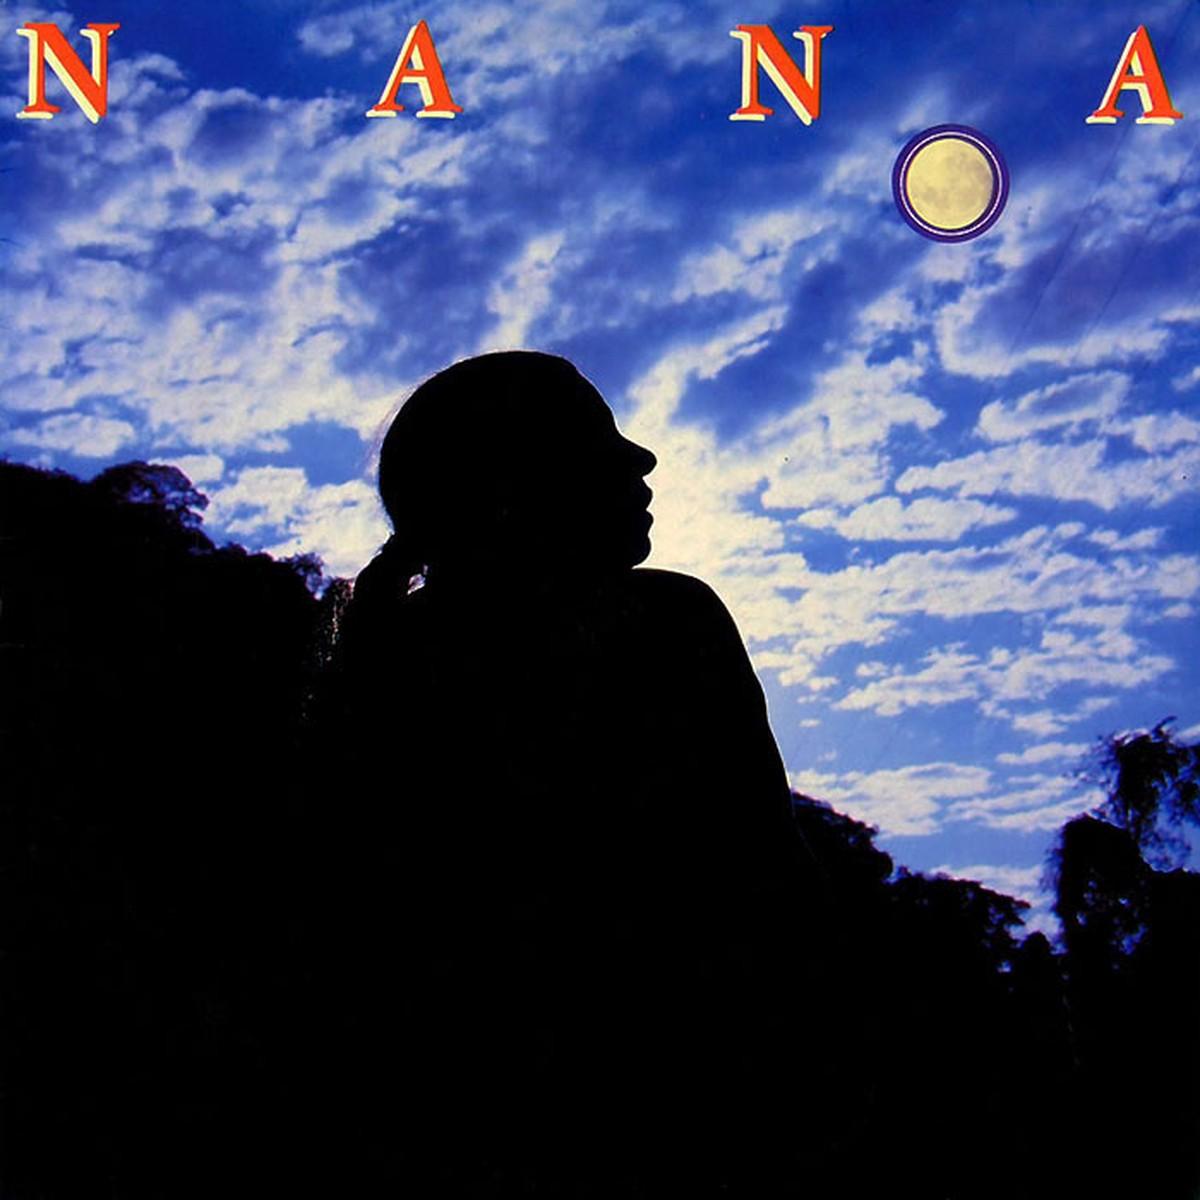 Discos para descobrir em casa – 'Nana', Nana Caymmi, 1988 | Blog do Mauro Ferreira